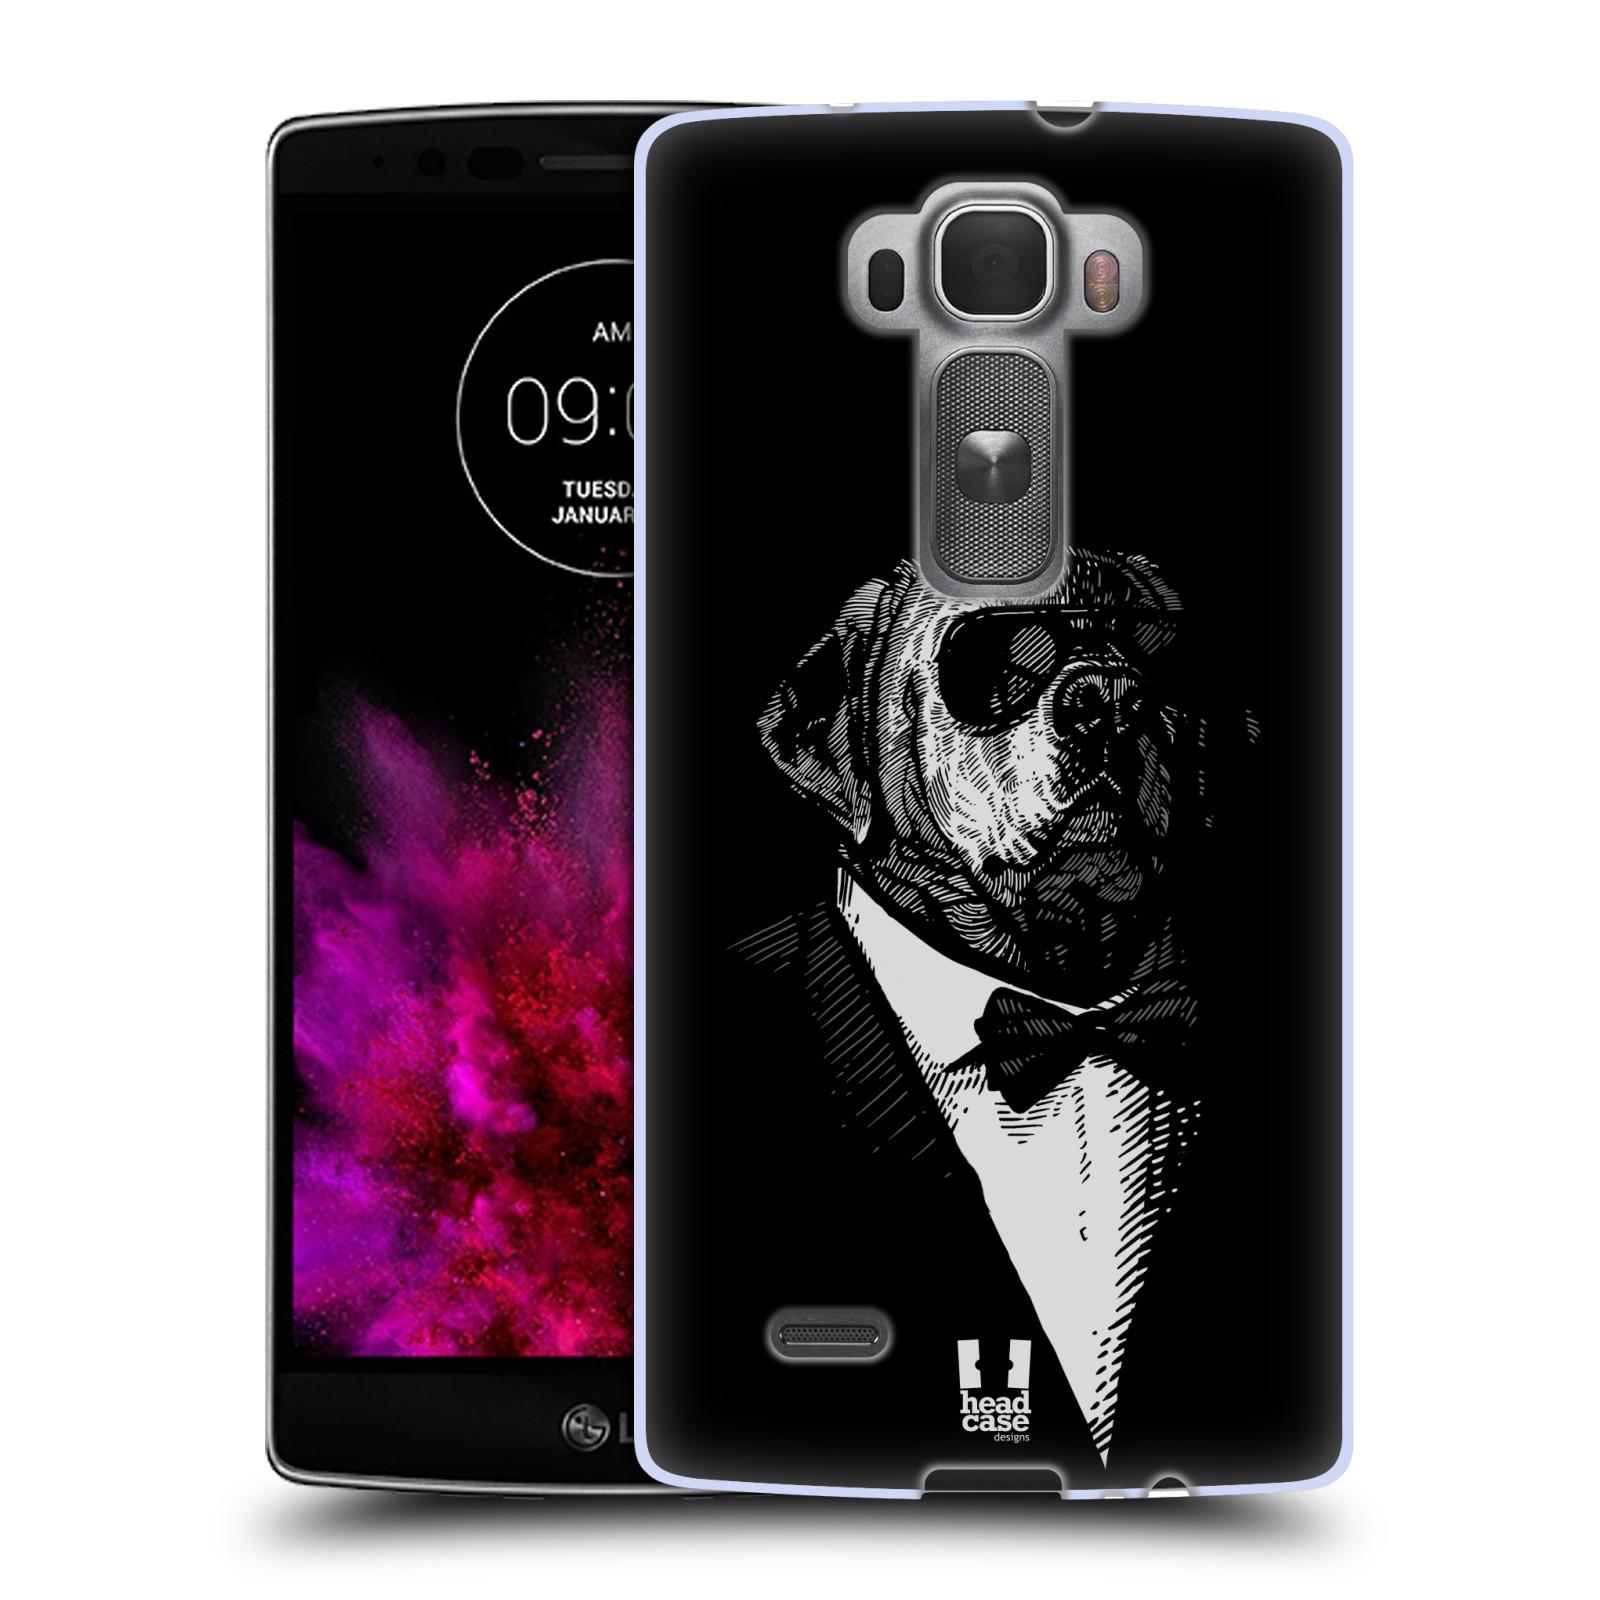 Silikonové pouzdro na mobil LG G Flex 2 HEAD CASE PSISKO V KVÁDRU (Silikonový kryt či obal na mobilní telefon LG G Flex 2 H955)